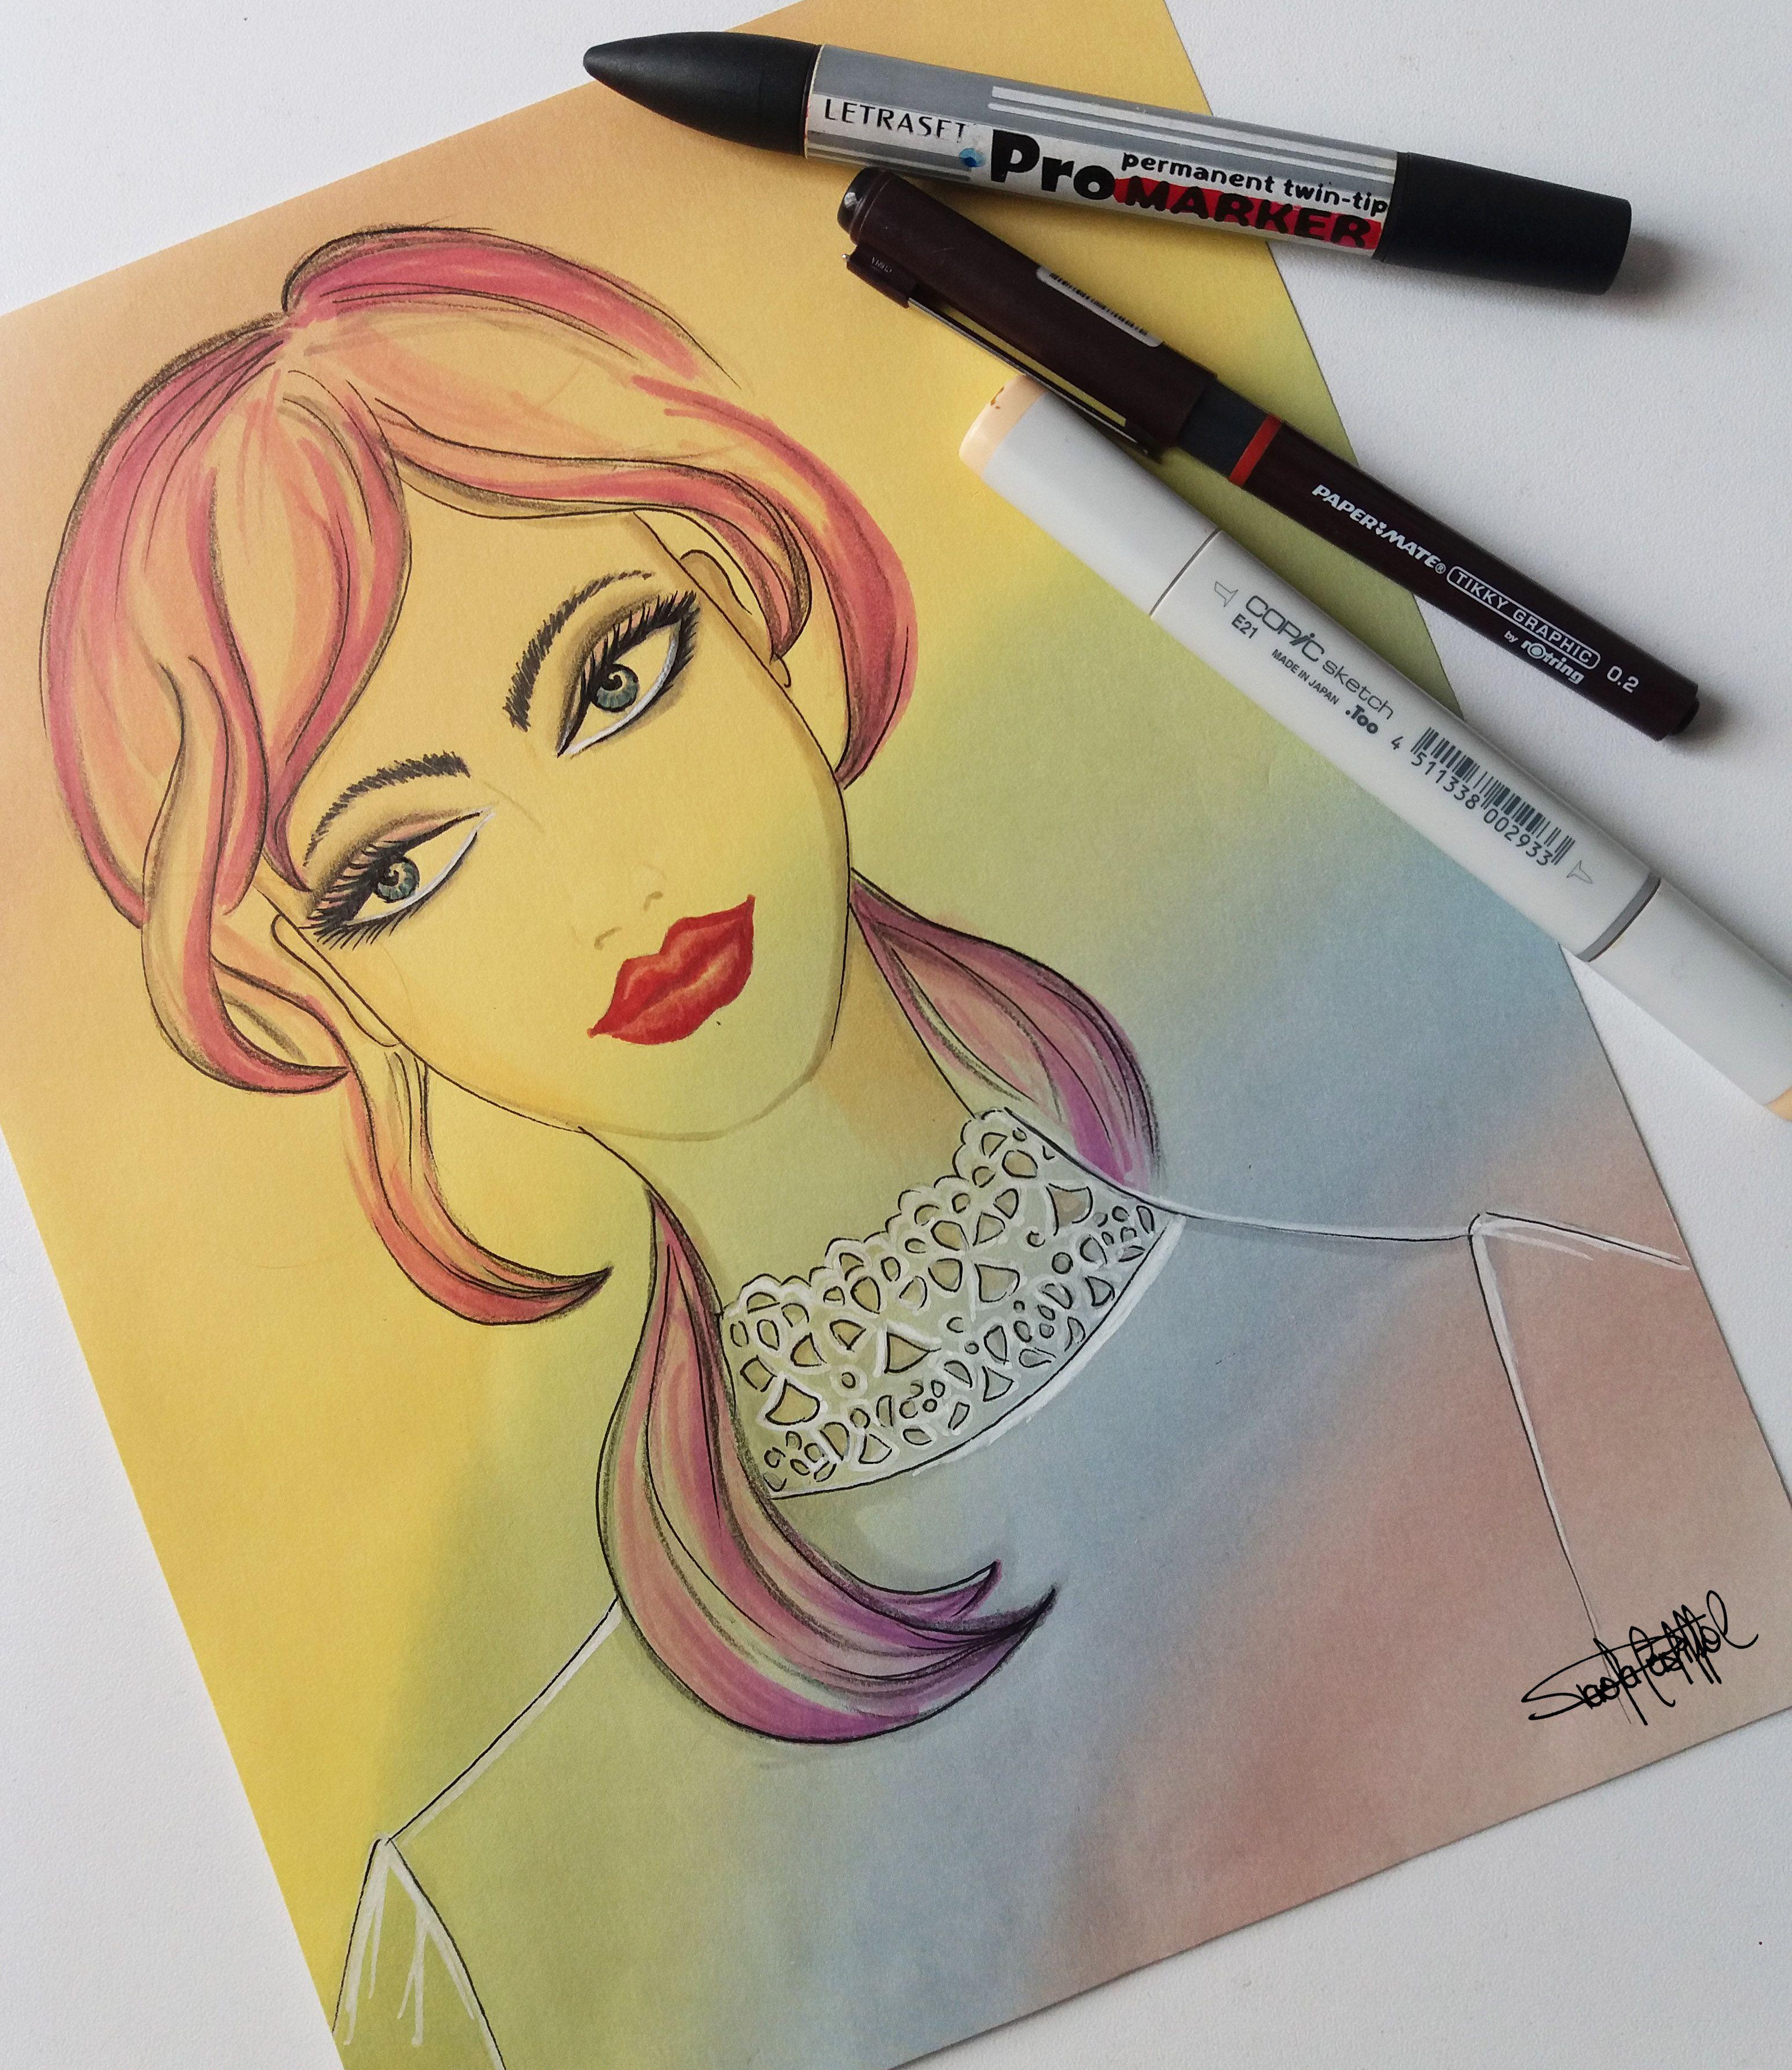 Como Dibujar Una Cara Femenina Con Marcadores Dibujo De Rostro Femenino Como Dibujar Una Cara Dibujos De Caras